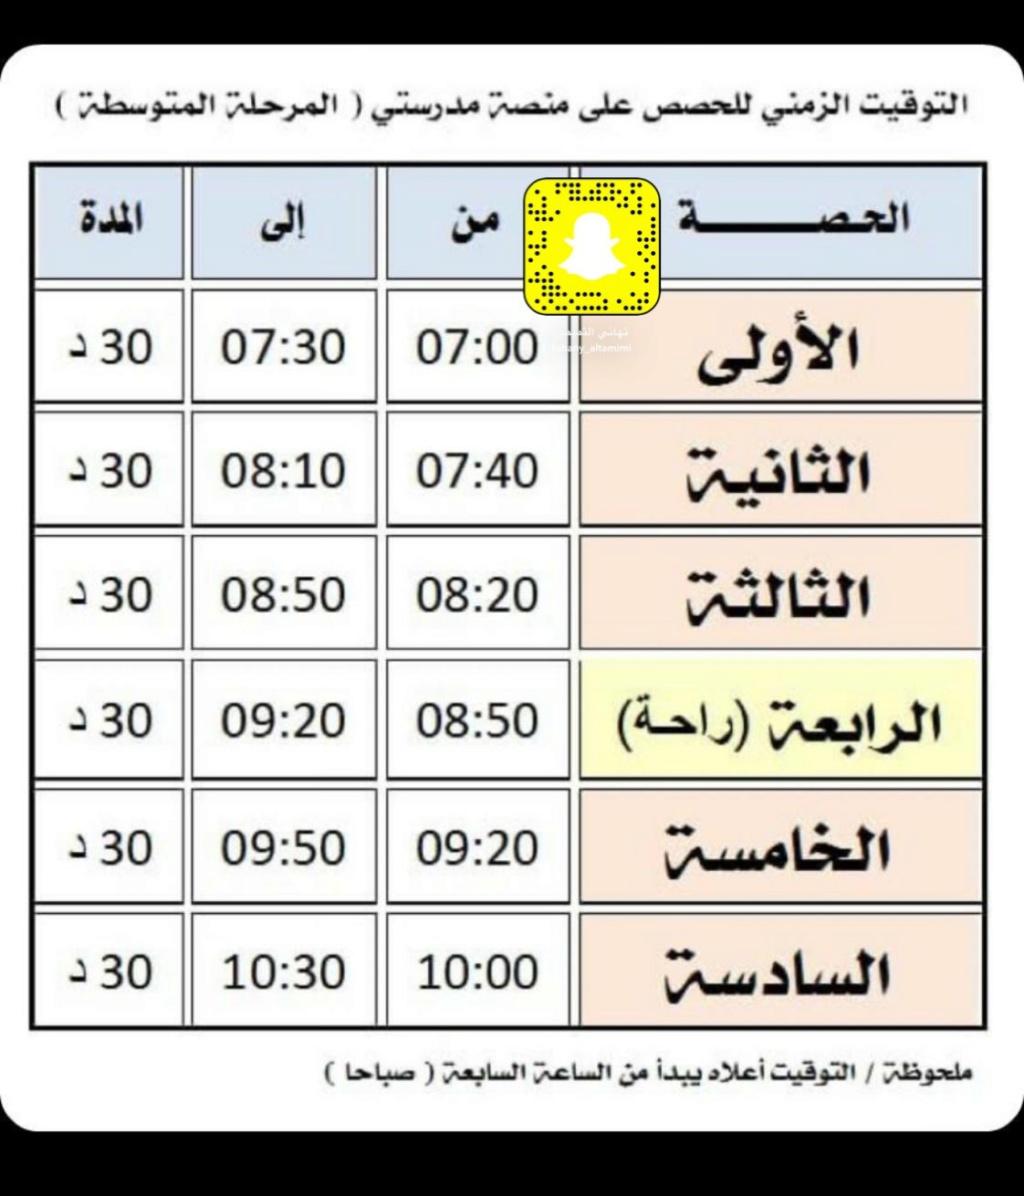 جدول حصص منصة مدرستي 1442 الان Egdz-z11